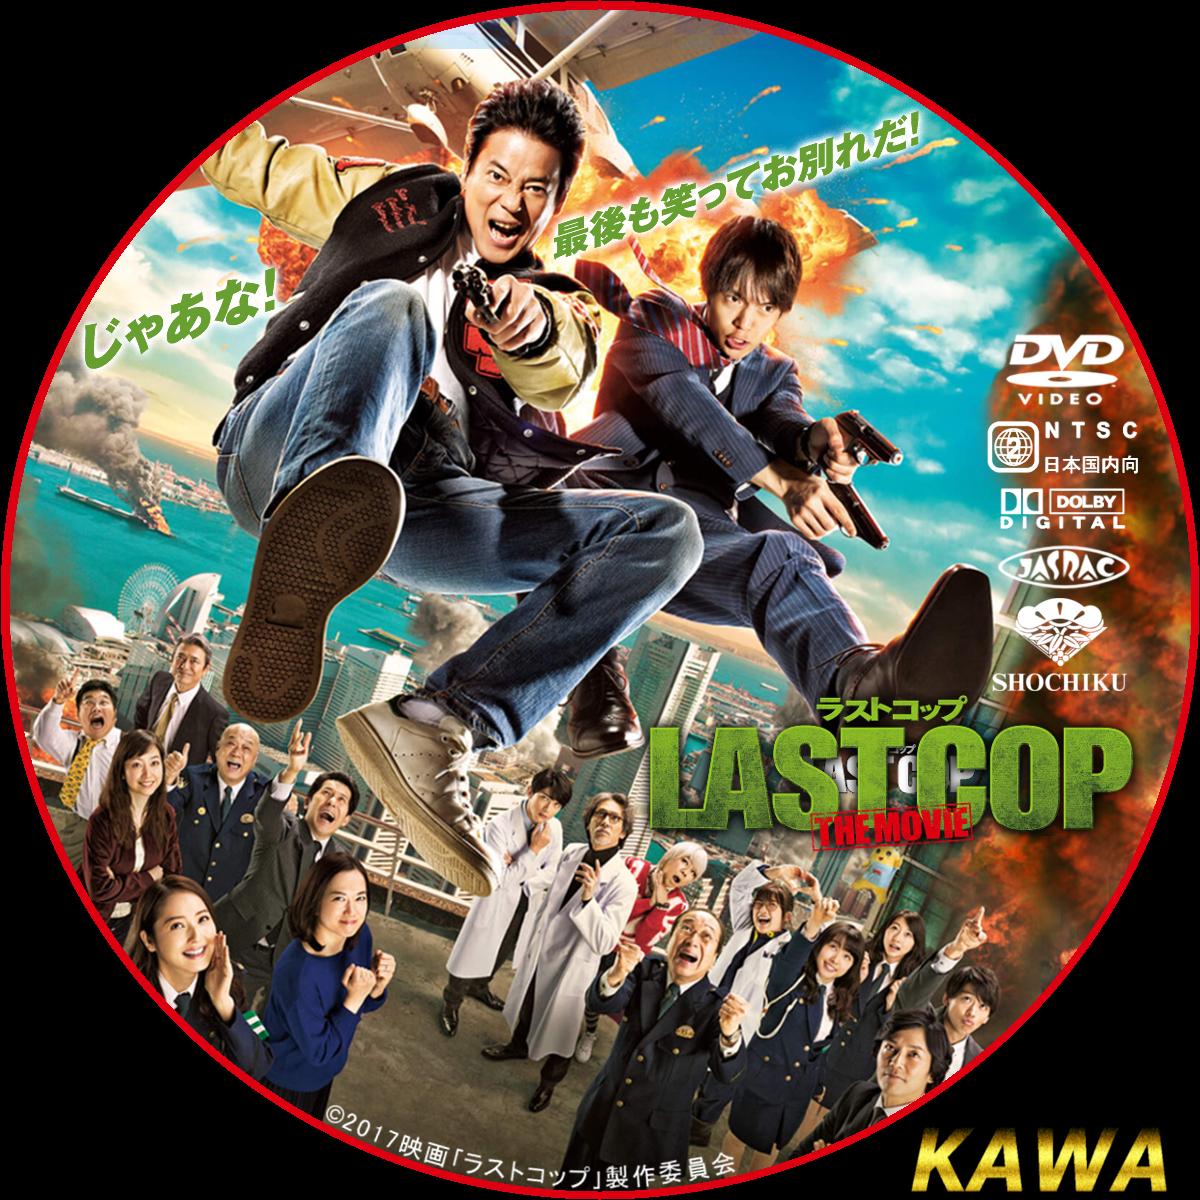 last cop the movie �������� ��2